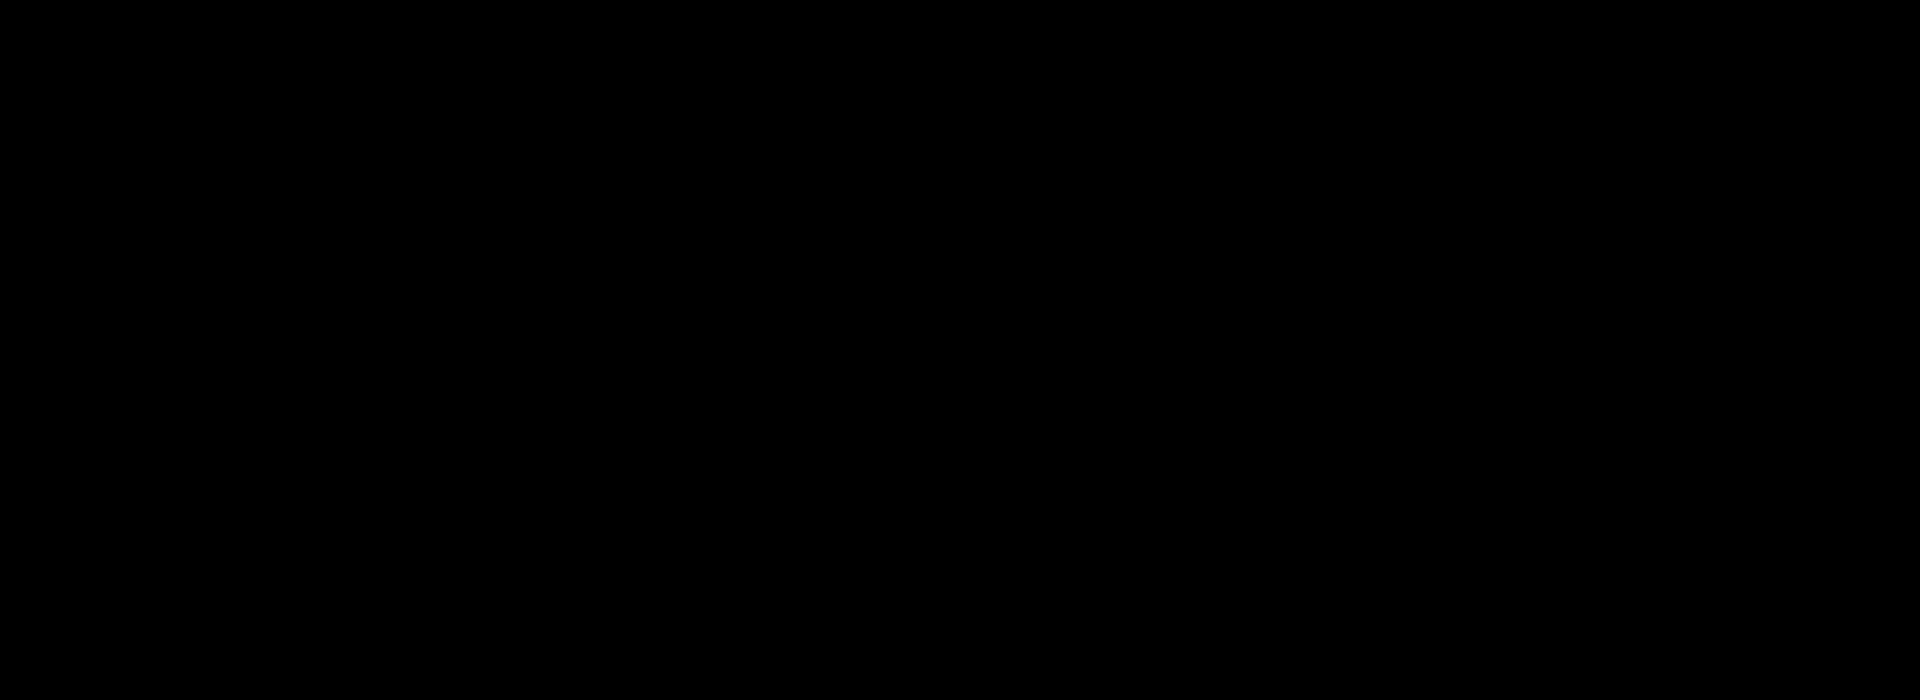 rsgp-slider-v4-01.png